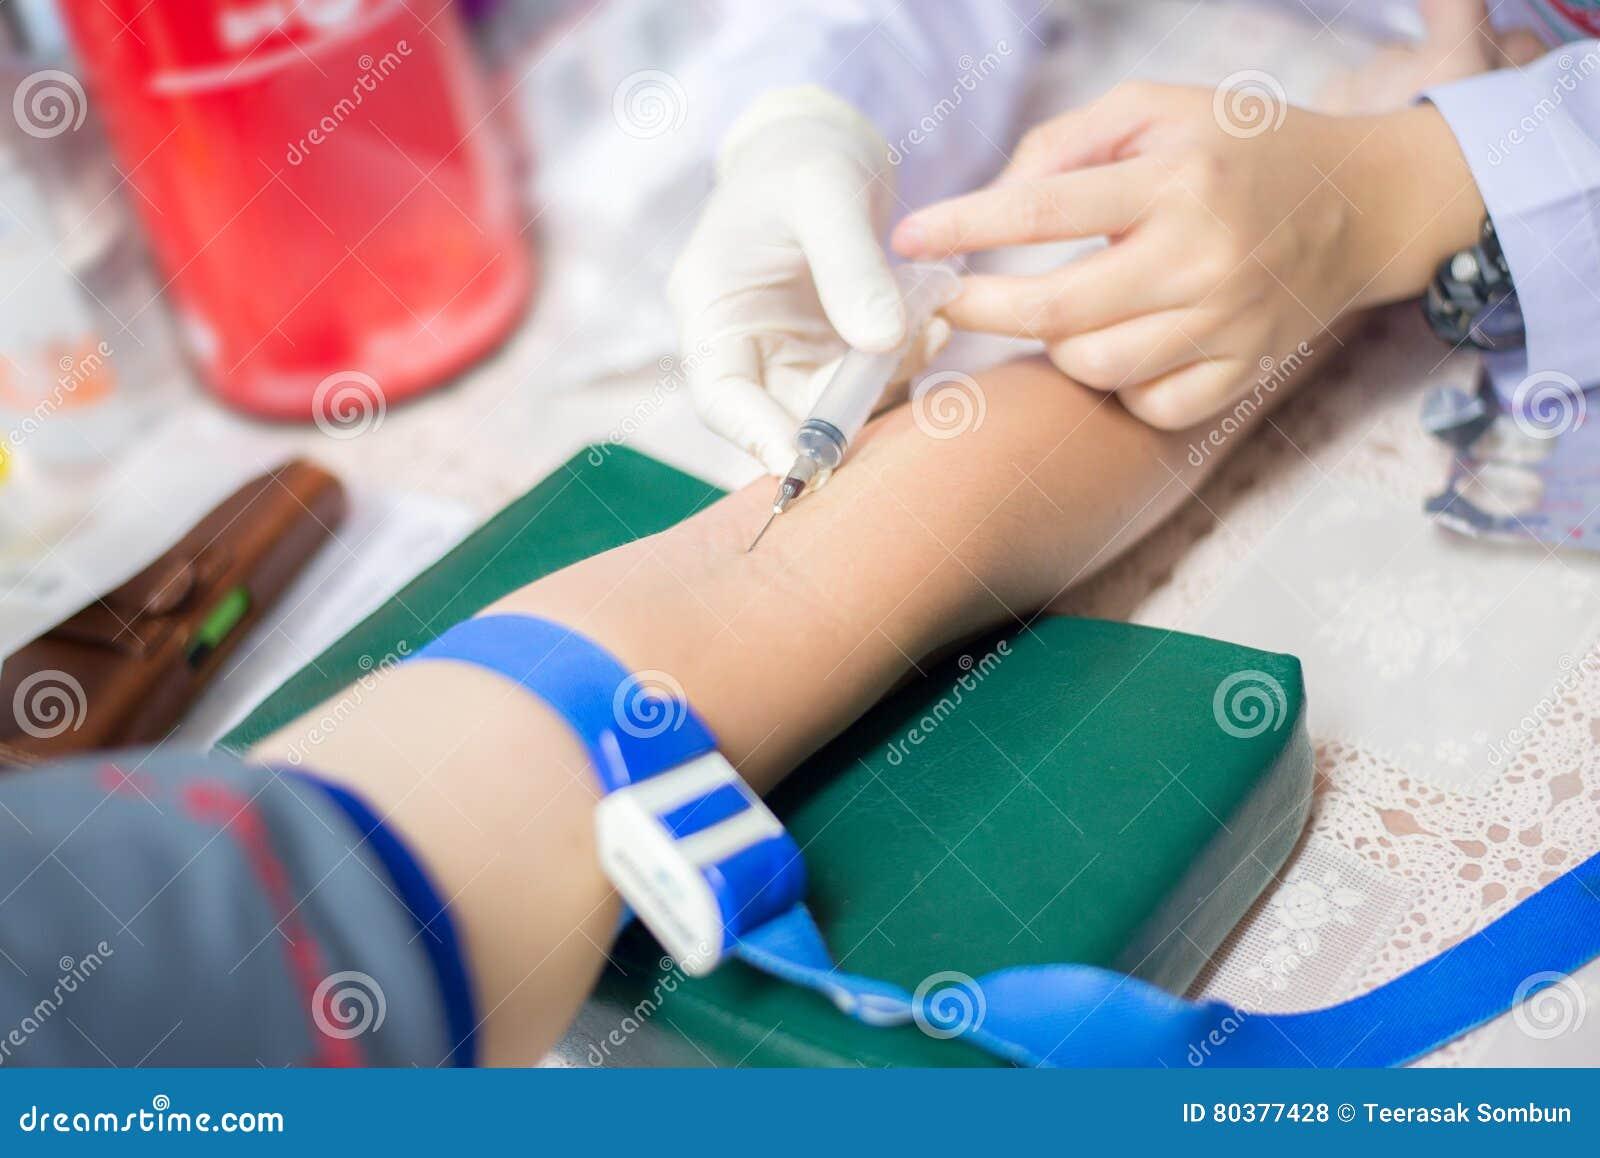 Soignez prendre à une prise de sang pour l essai la santé